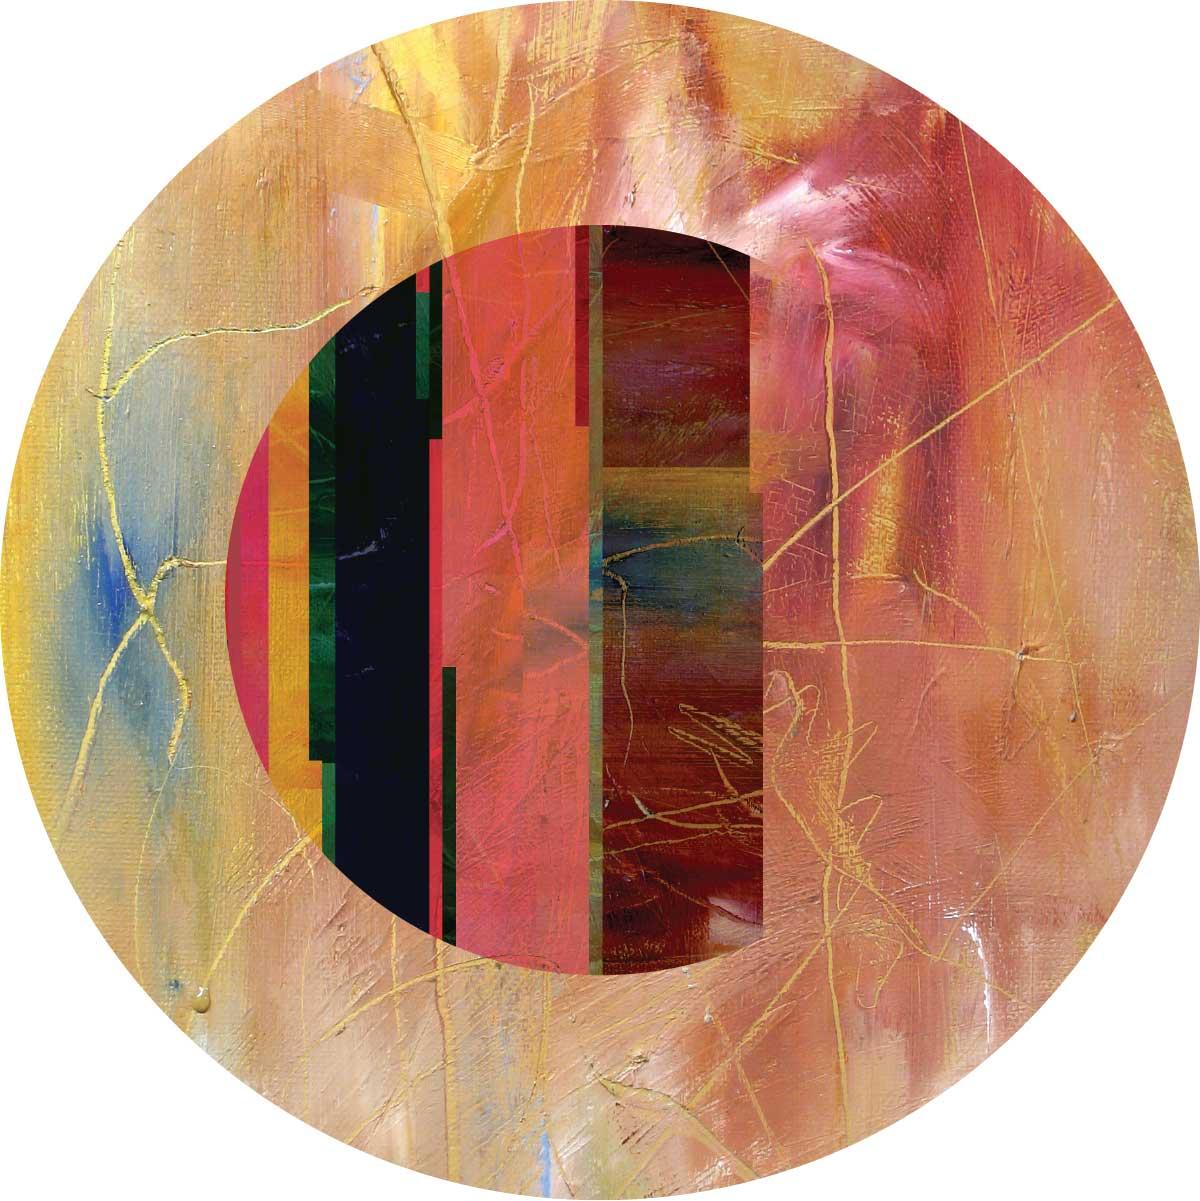 c-glitch_06-14_oil2-01